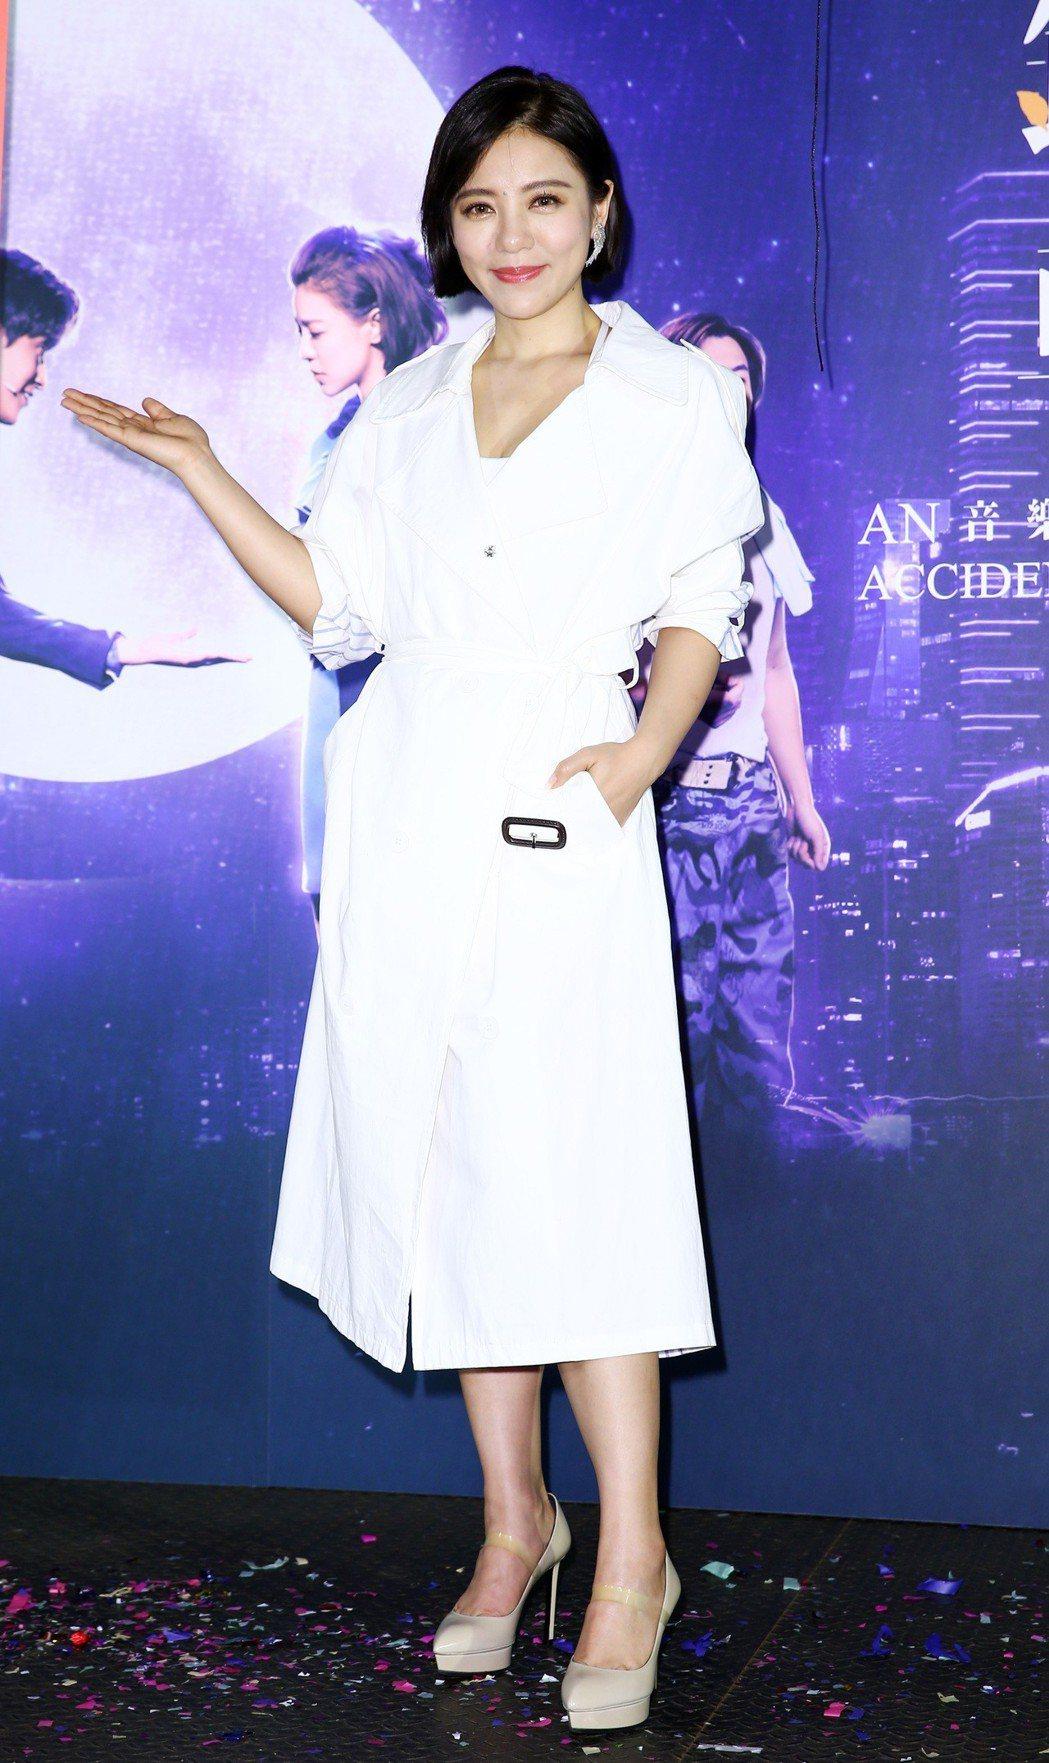 音樂劇《搭錯車》在台北舉行慶功記者會宣布再加場,劇中女主角丁噹在記者會上用尖叫聲...